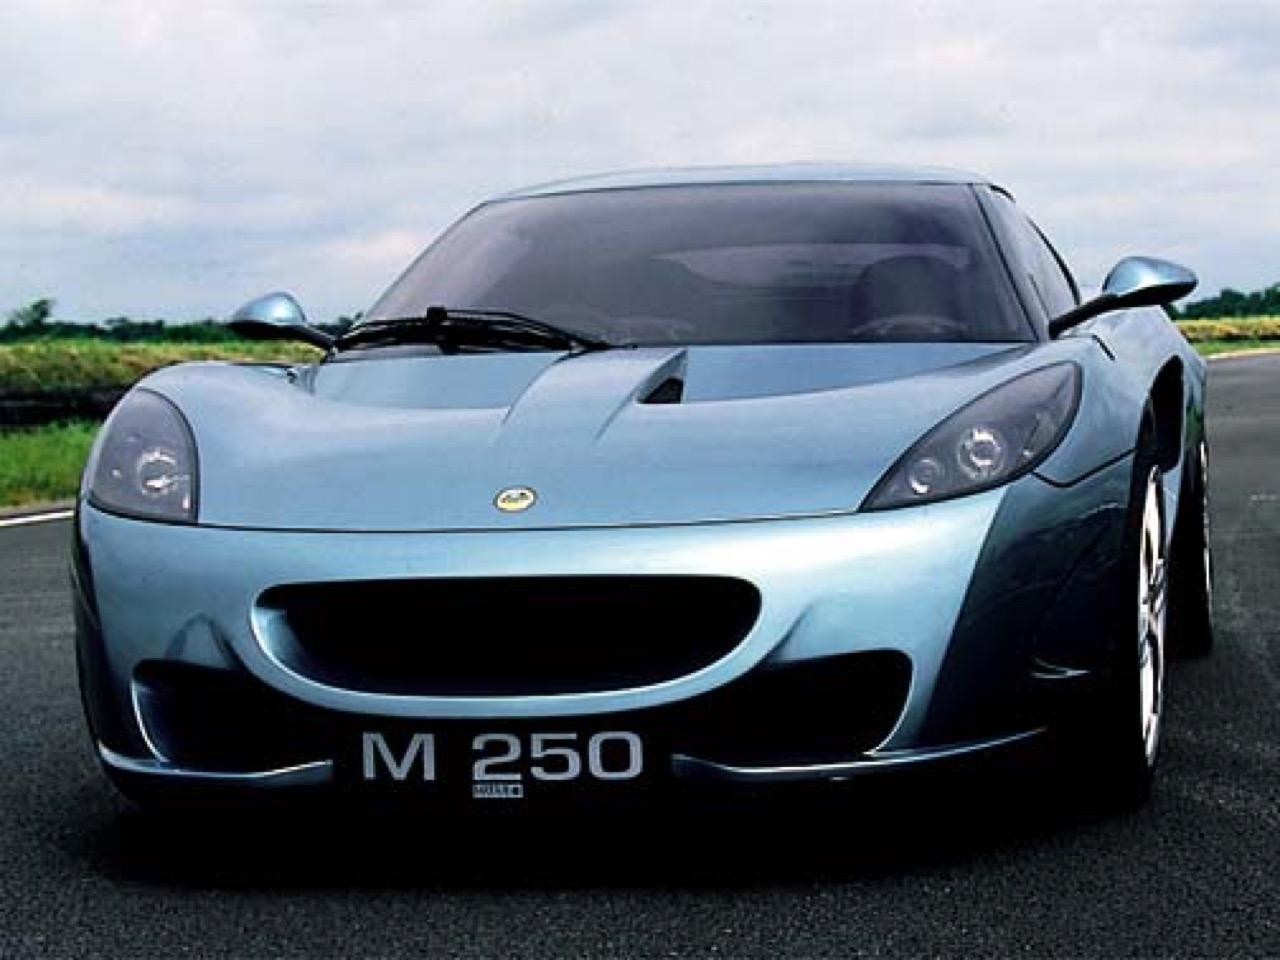 lotus-m250-1999-001.jpg